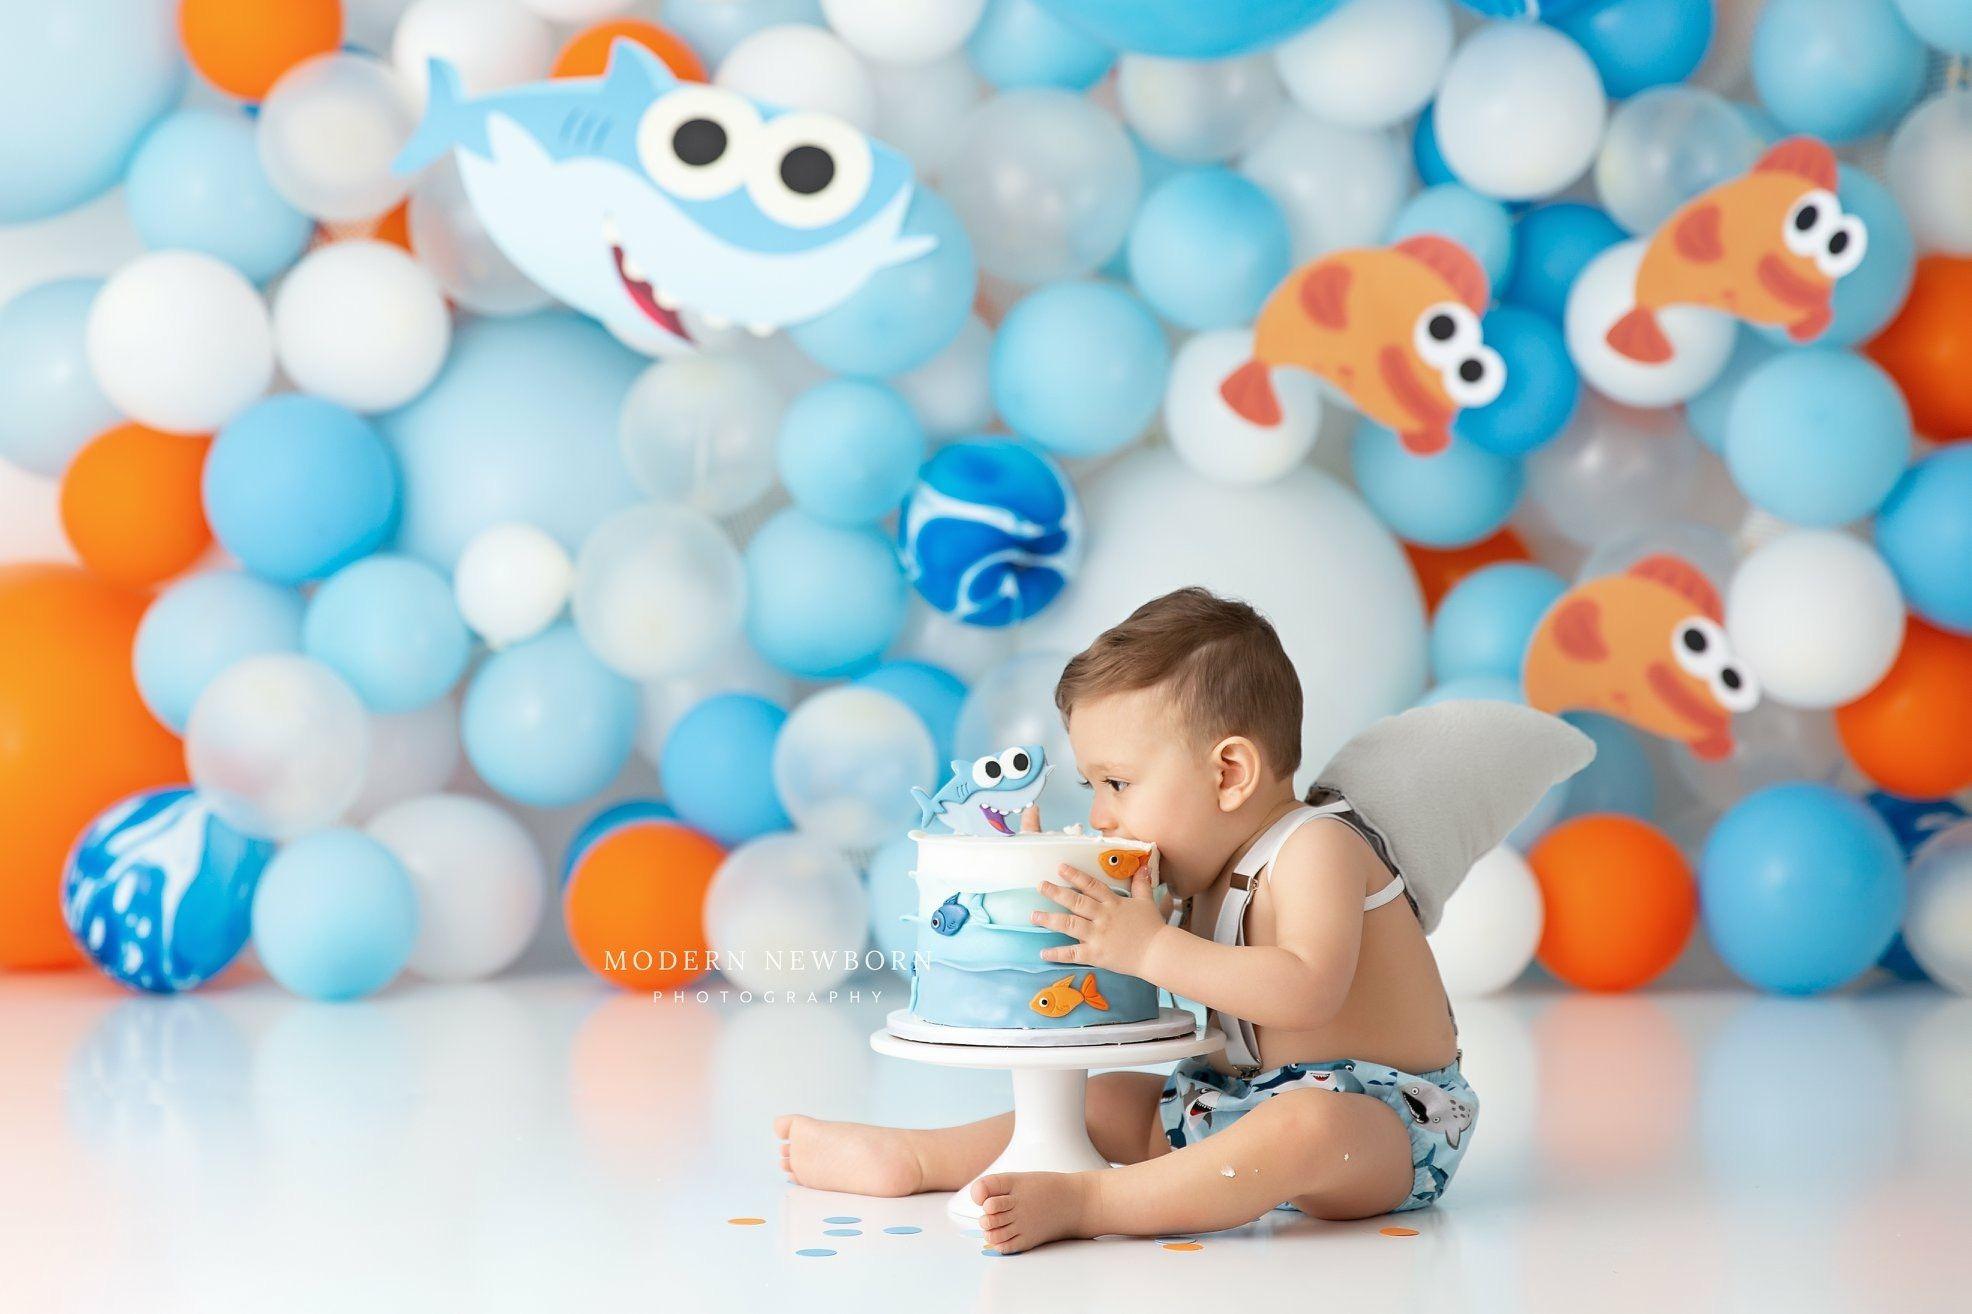 220 Cake Smash Inspiration Ideas In 2021 Cake Smash Cake Smash Inspiration Birthday Cake Smash